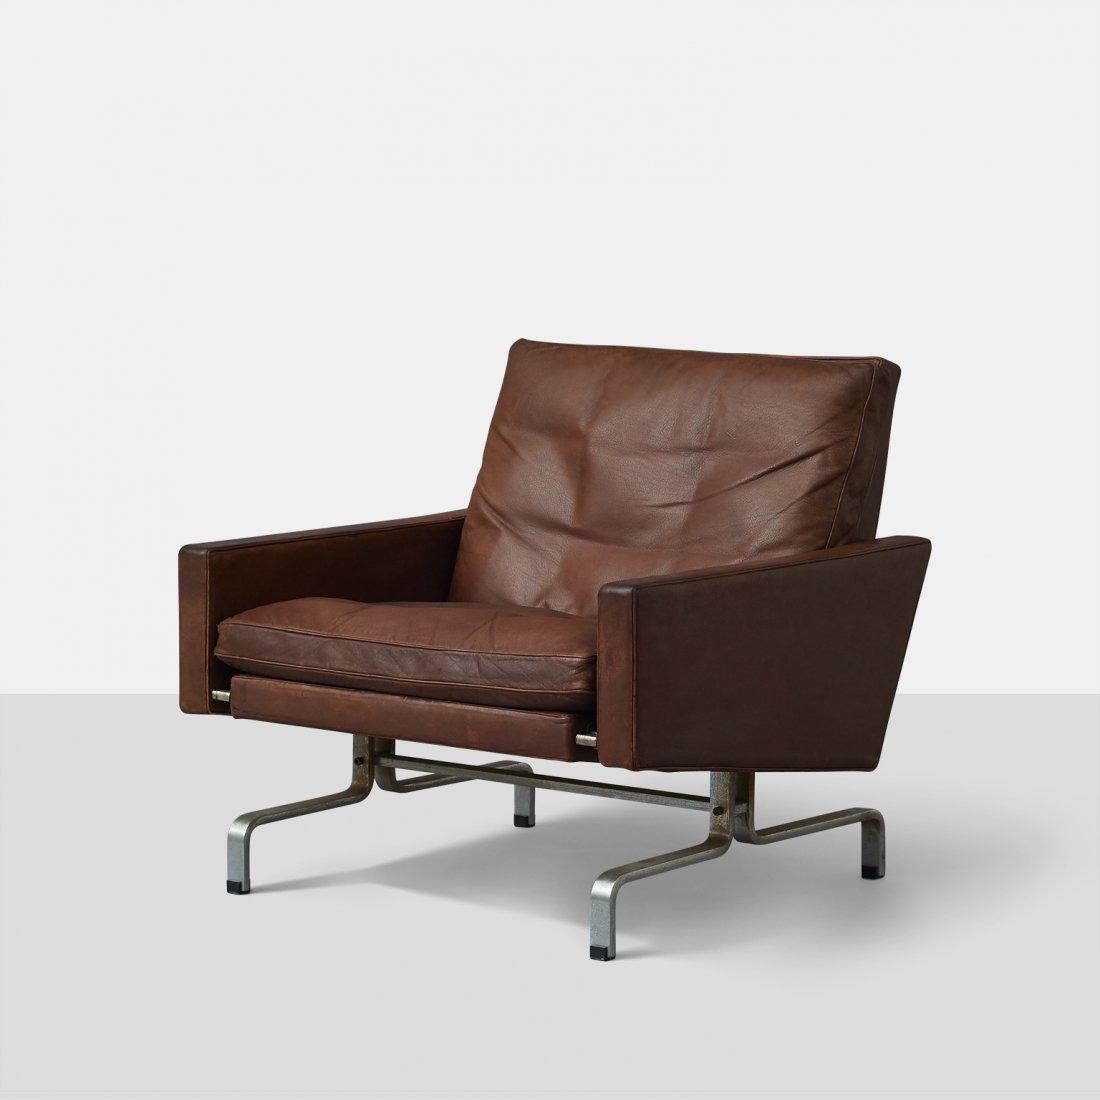 Poul Kjaerholm, PK31 Lounge Chair